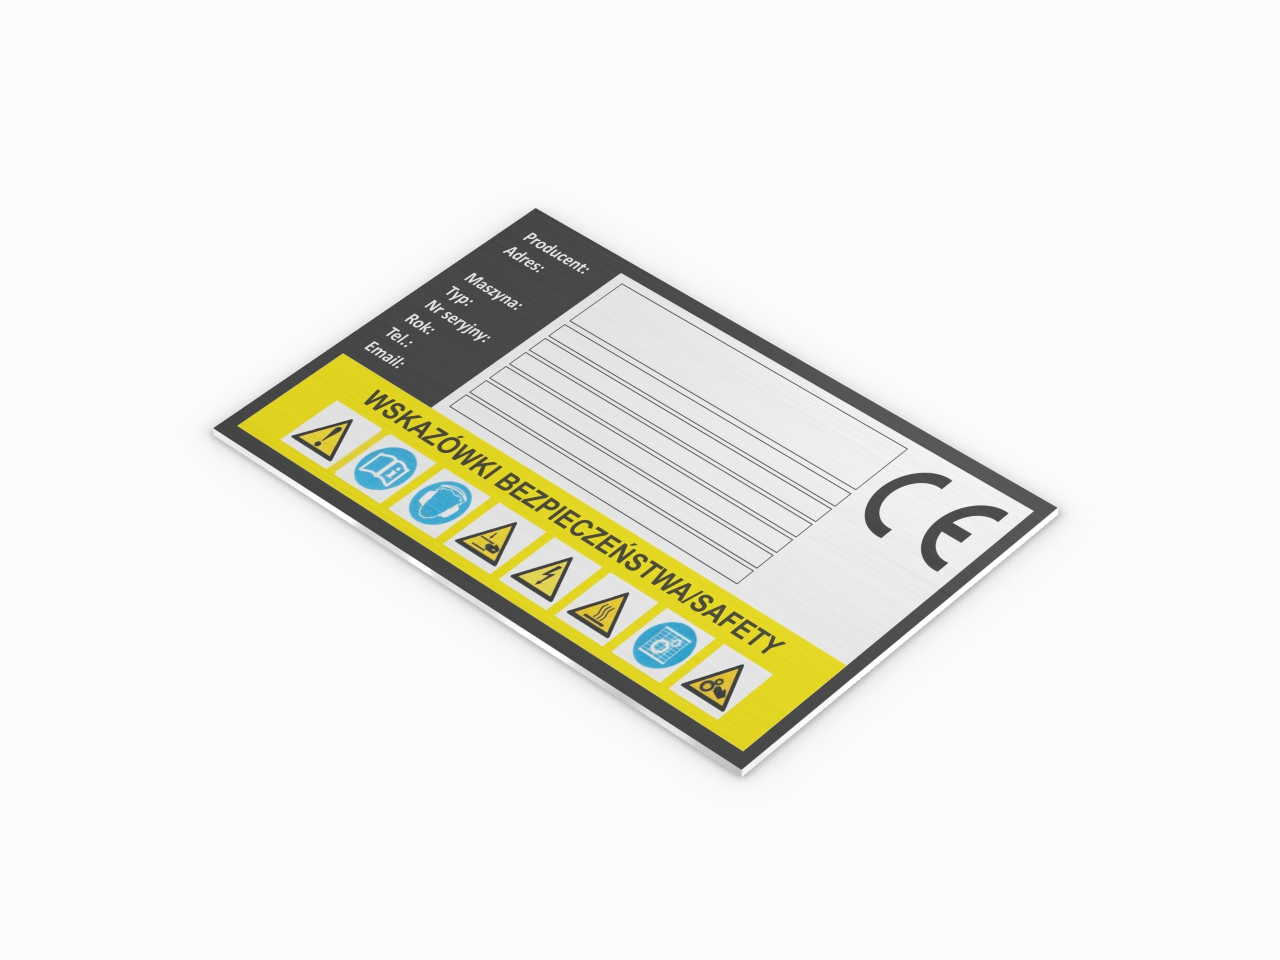 znamionowa tabliczka ostrzegawcza aluminiowa ce wskazówki bezpieczeństwa